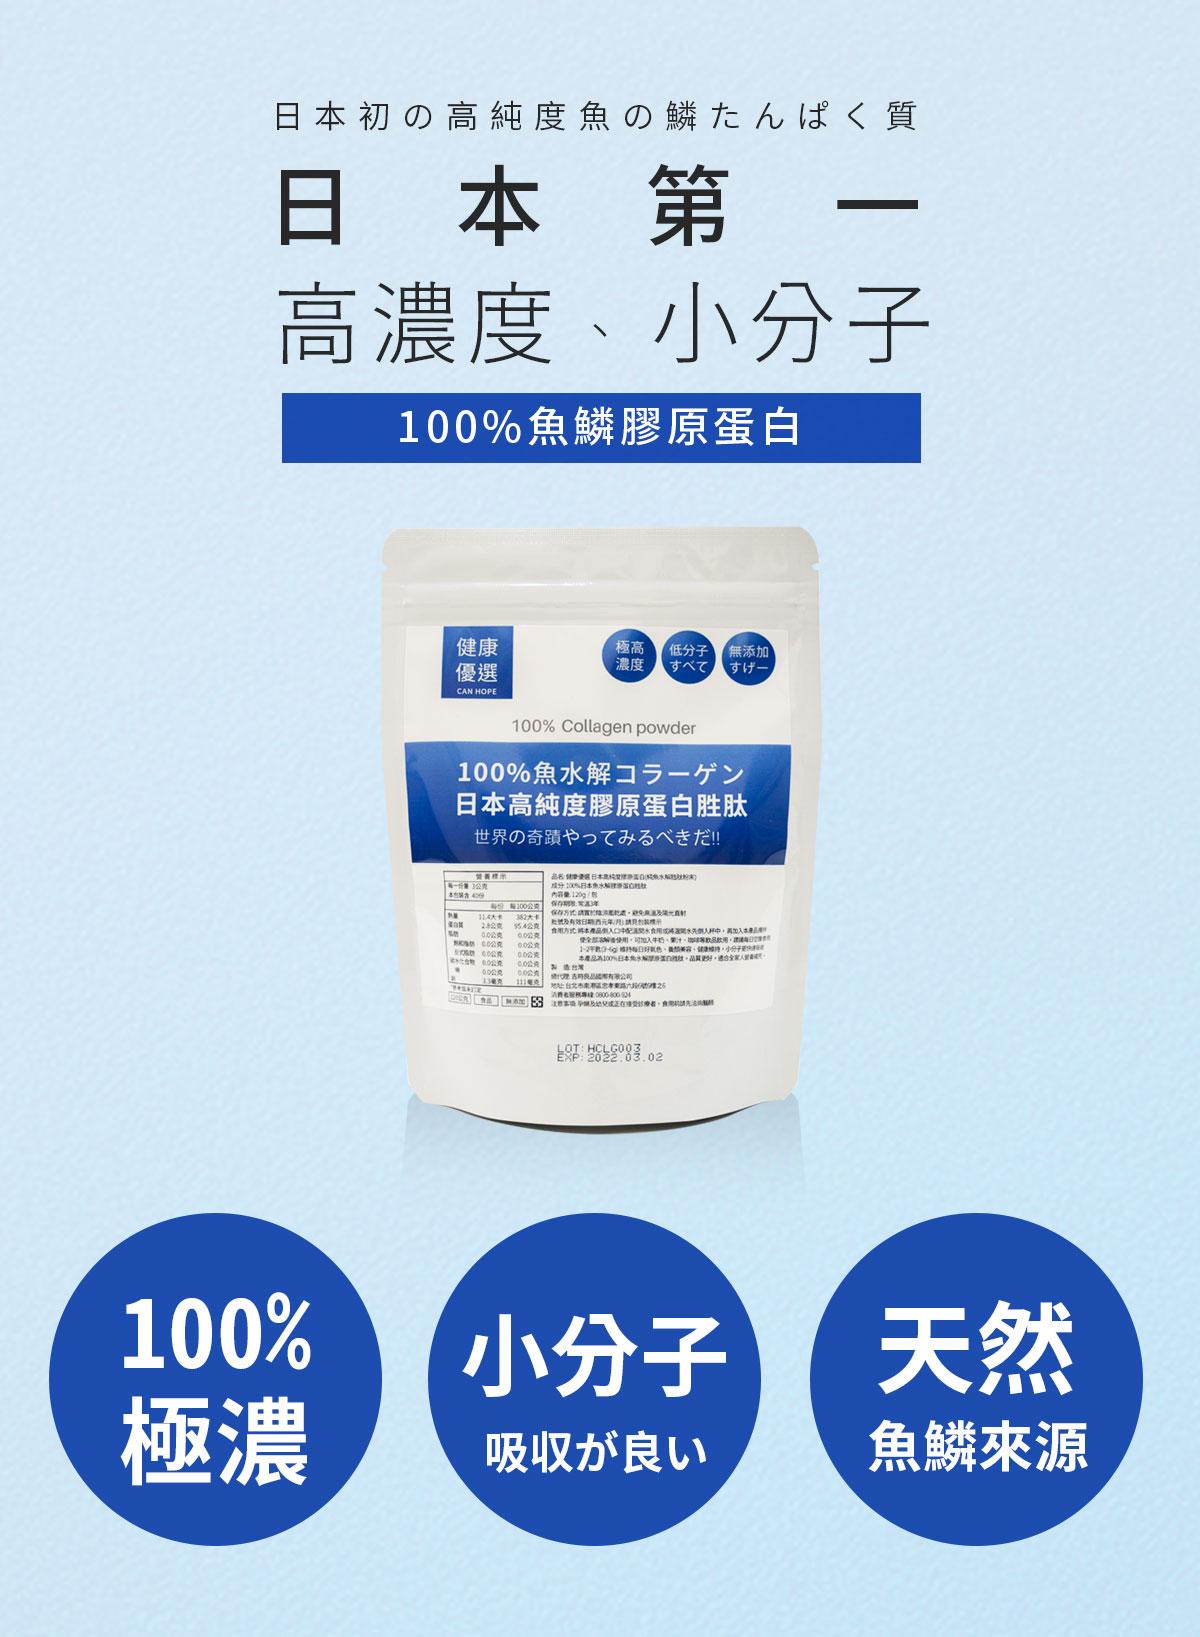 真的不用比了! 日本第一高純度魚麟水解膠原蛋白來了!最高純度的日本新田膠原